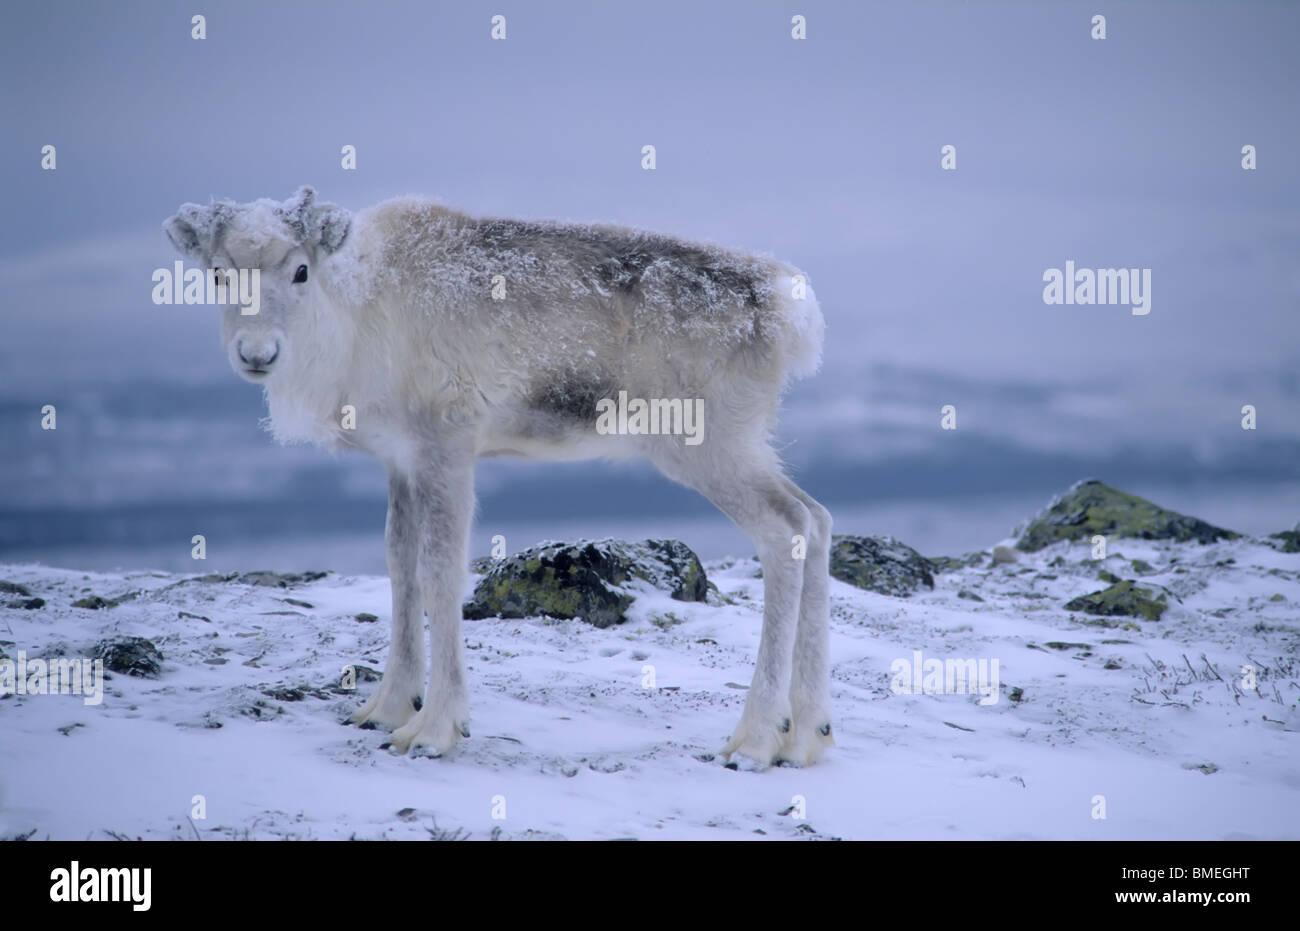 Scandinavia, Sweden, Dalarna, Animal in snow - Stock Image